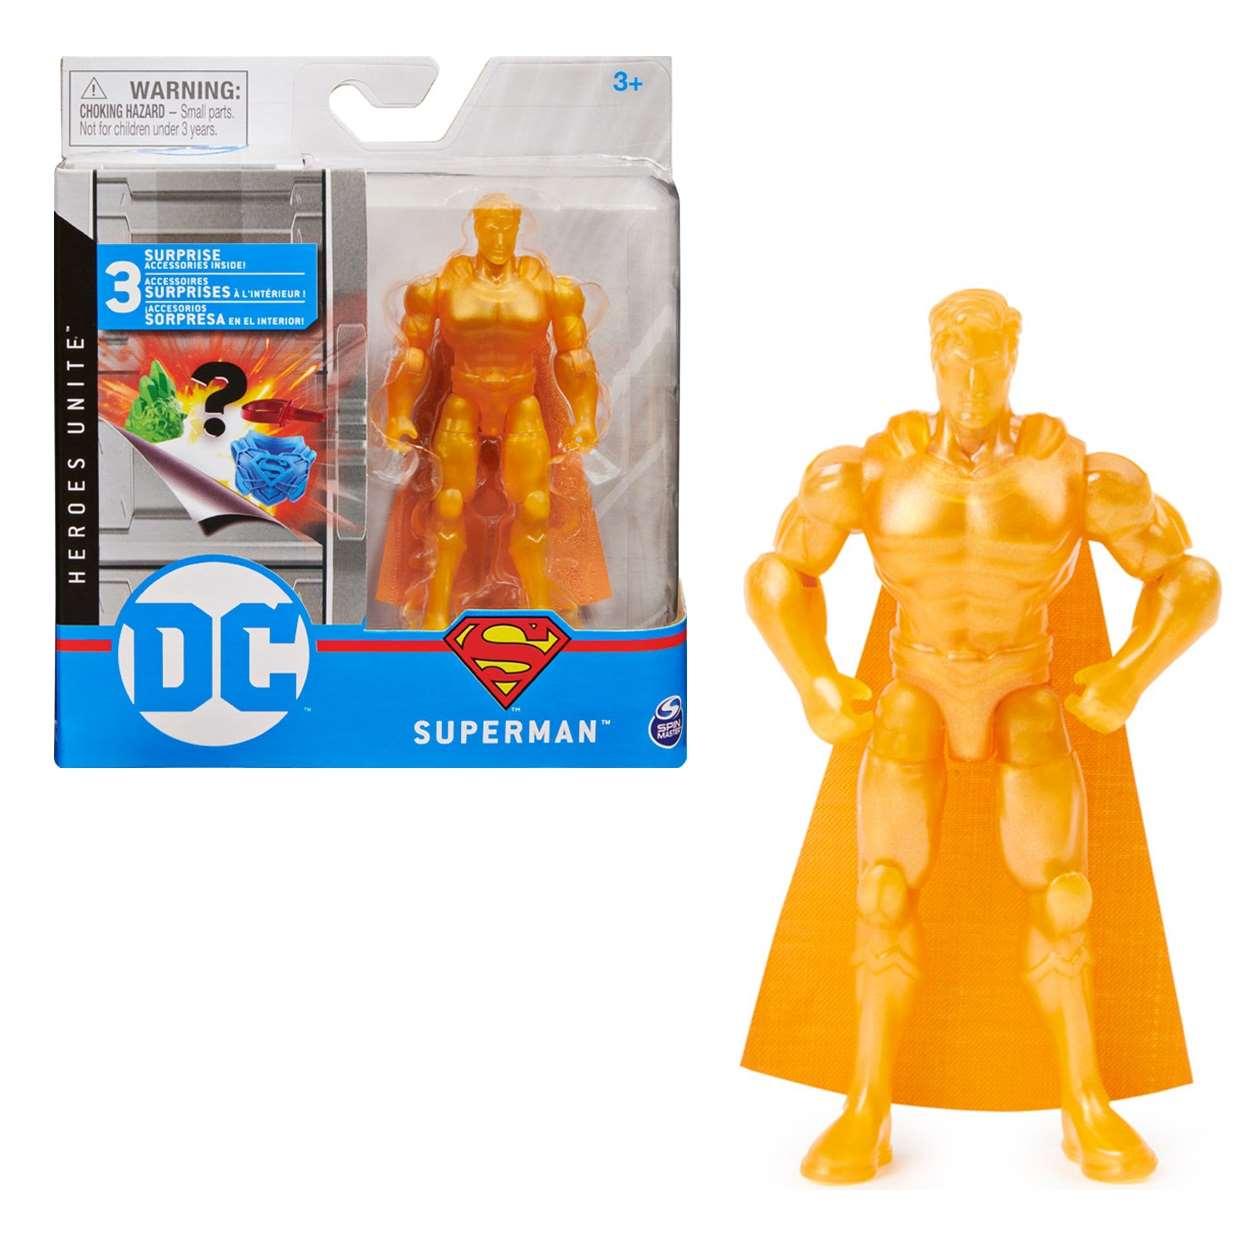 Superman Rare Gold Figura Dc Super Heroes Unite 3 PuLG